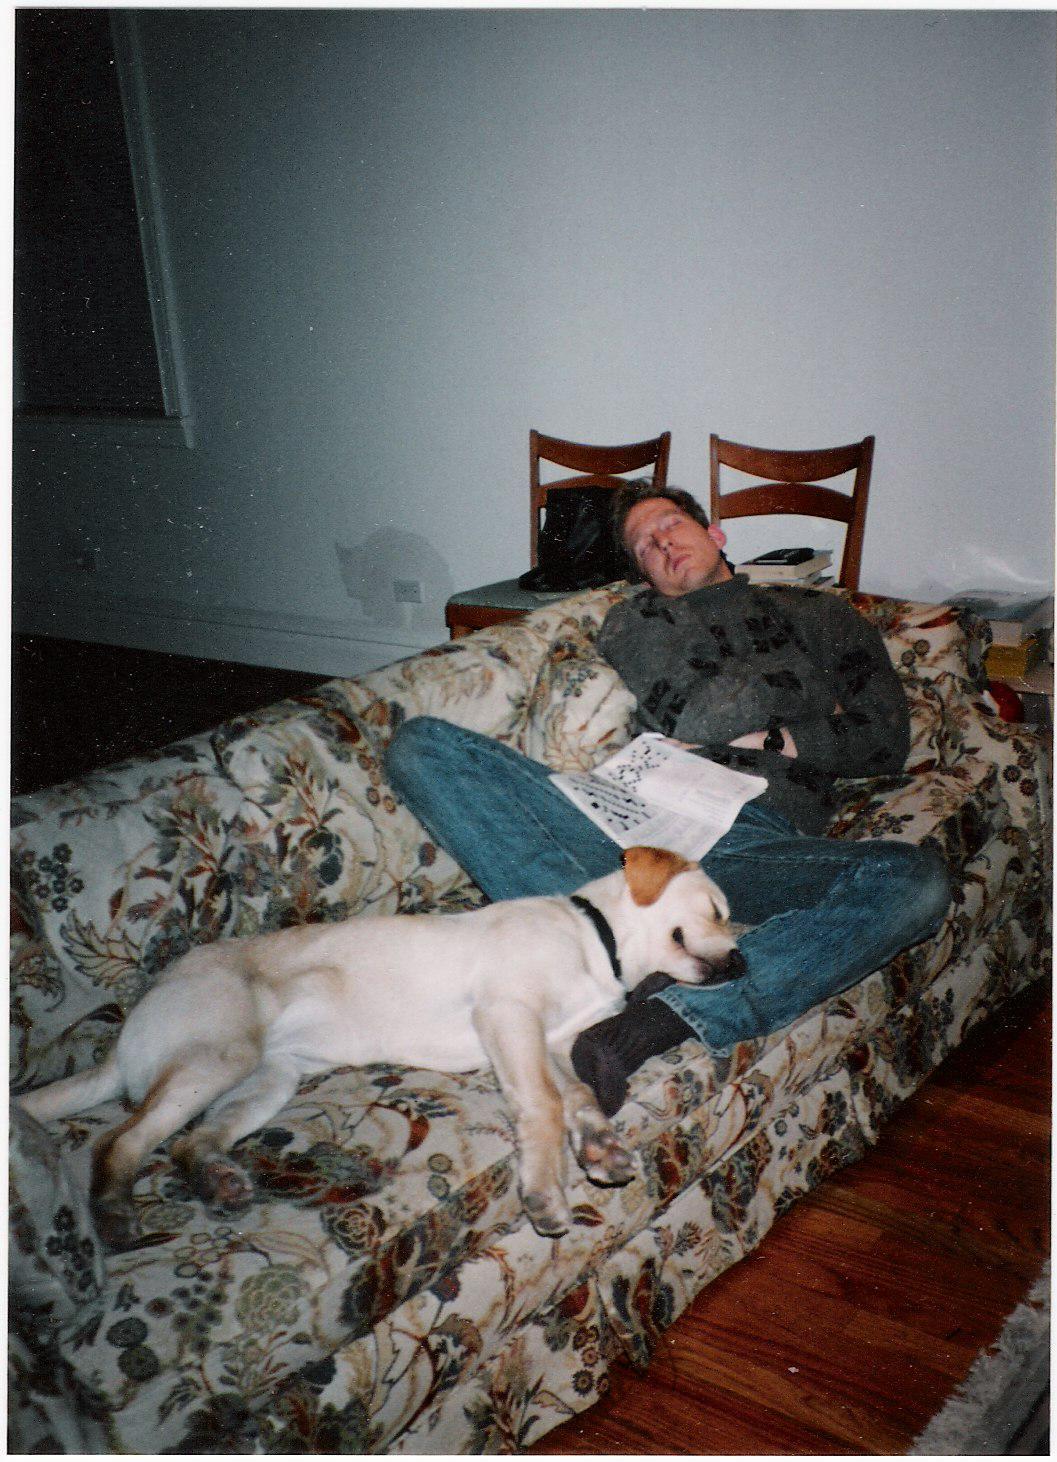 [Maxine,Bruce,asleep,couch,jpeg]